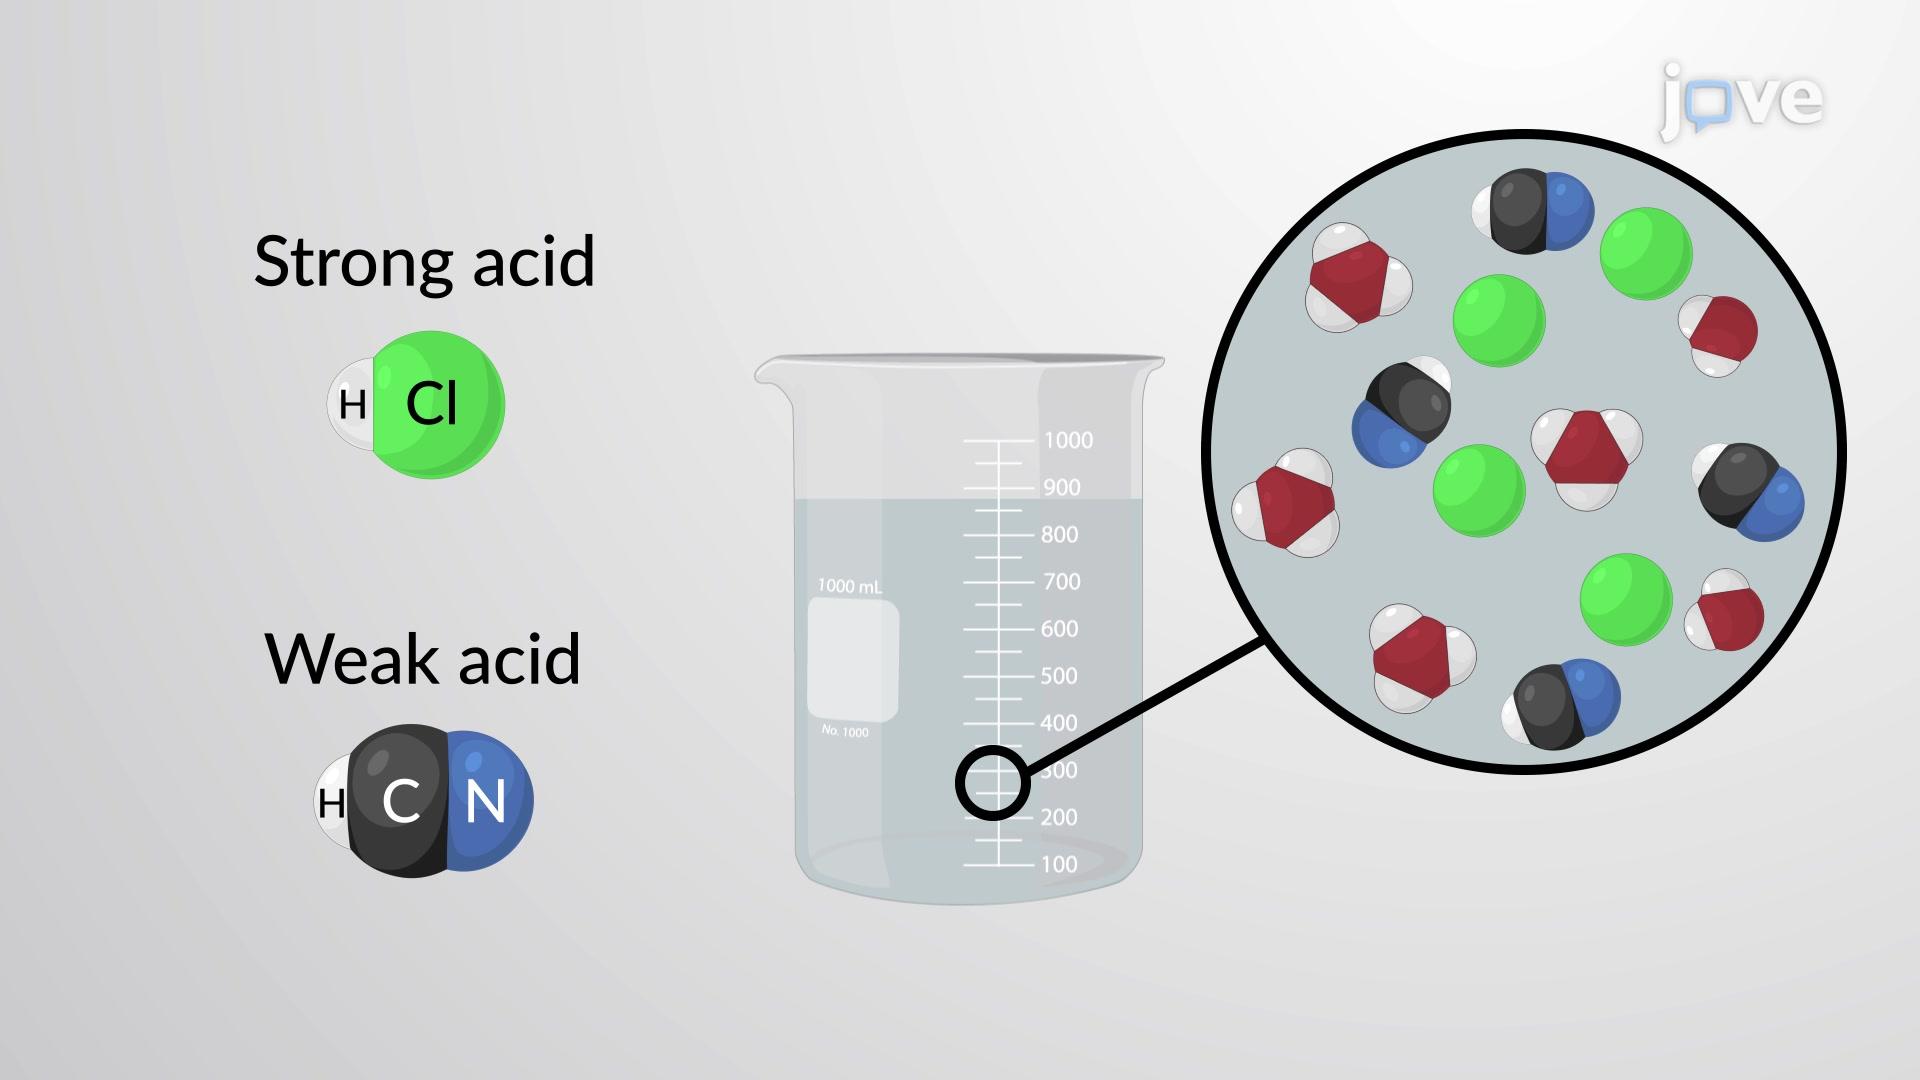 Mixtures of Acids